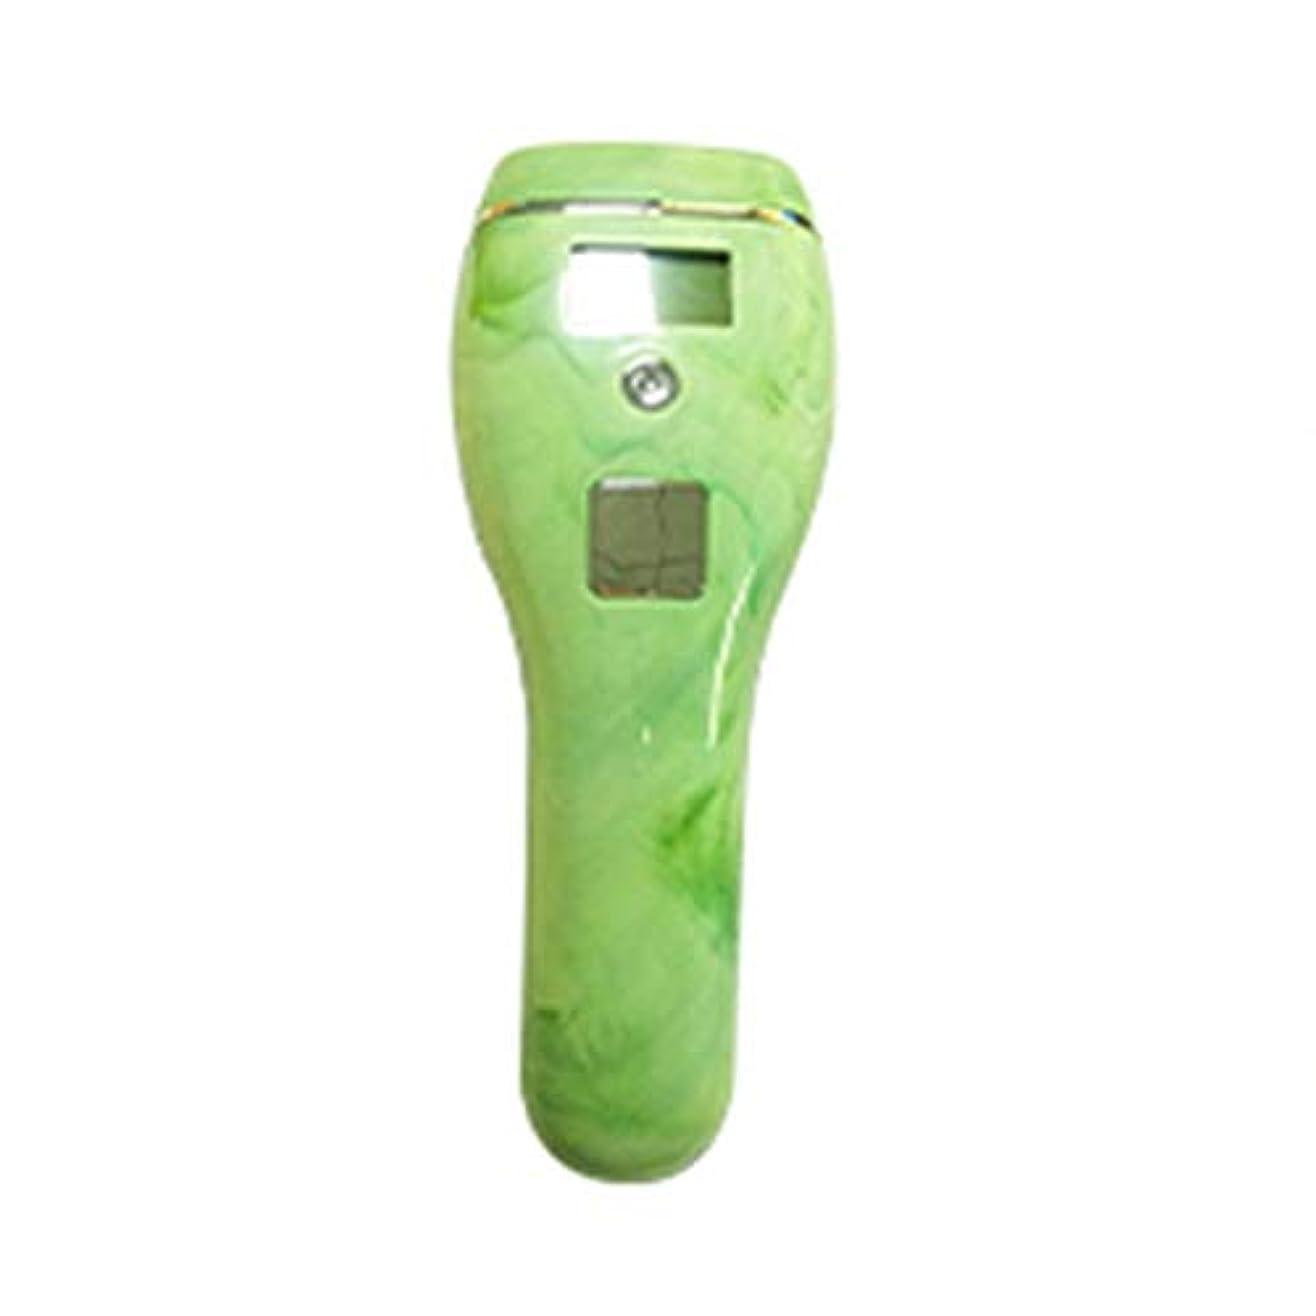 アブセイ招待未接続Nuanxin 自動肌のカラーセンシング、グリーン、5速調整、クォーツチューブ、携帯用痛みのない全身凍結乾燥用除湿器、サイズ19x7x5cm F30 (Color : Green)